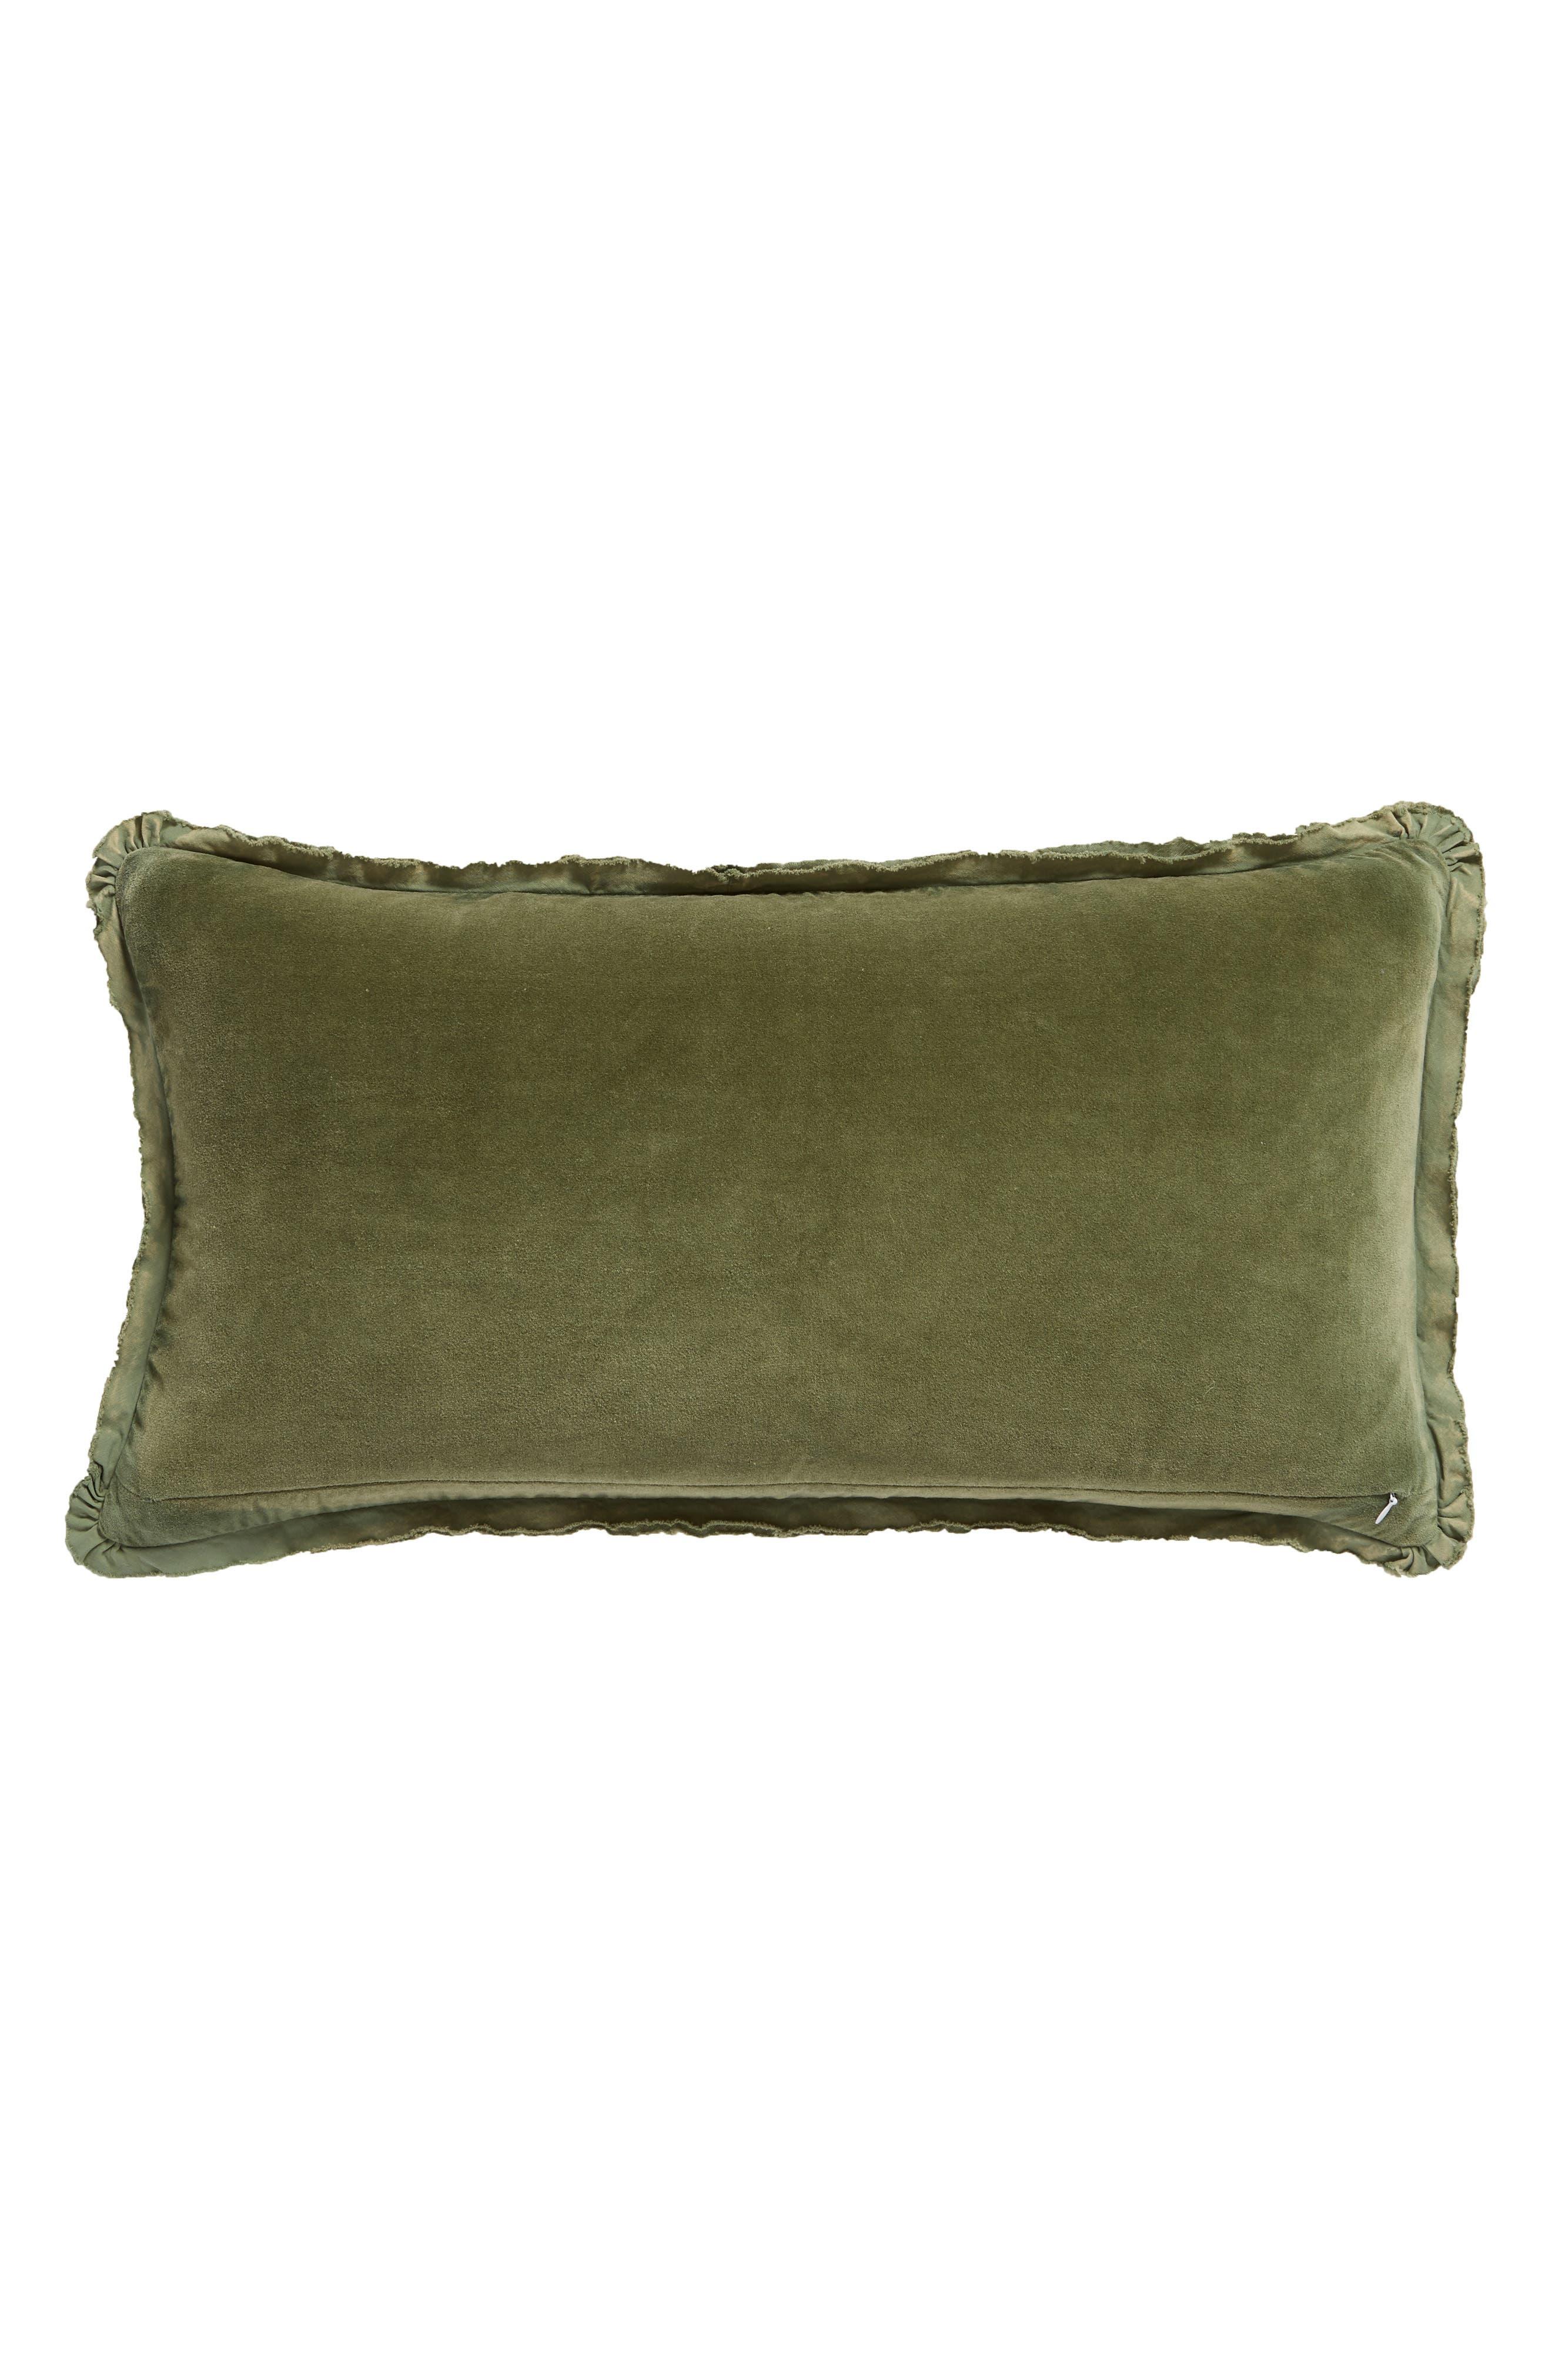 TREASURE & BOND, Velvet Accent Pillow, Alternate thumbnail 2, color, GREEN SORREL